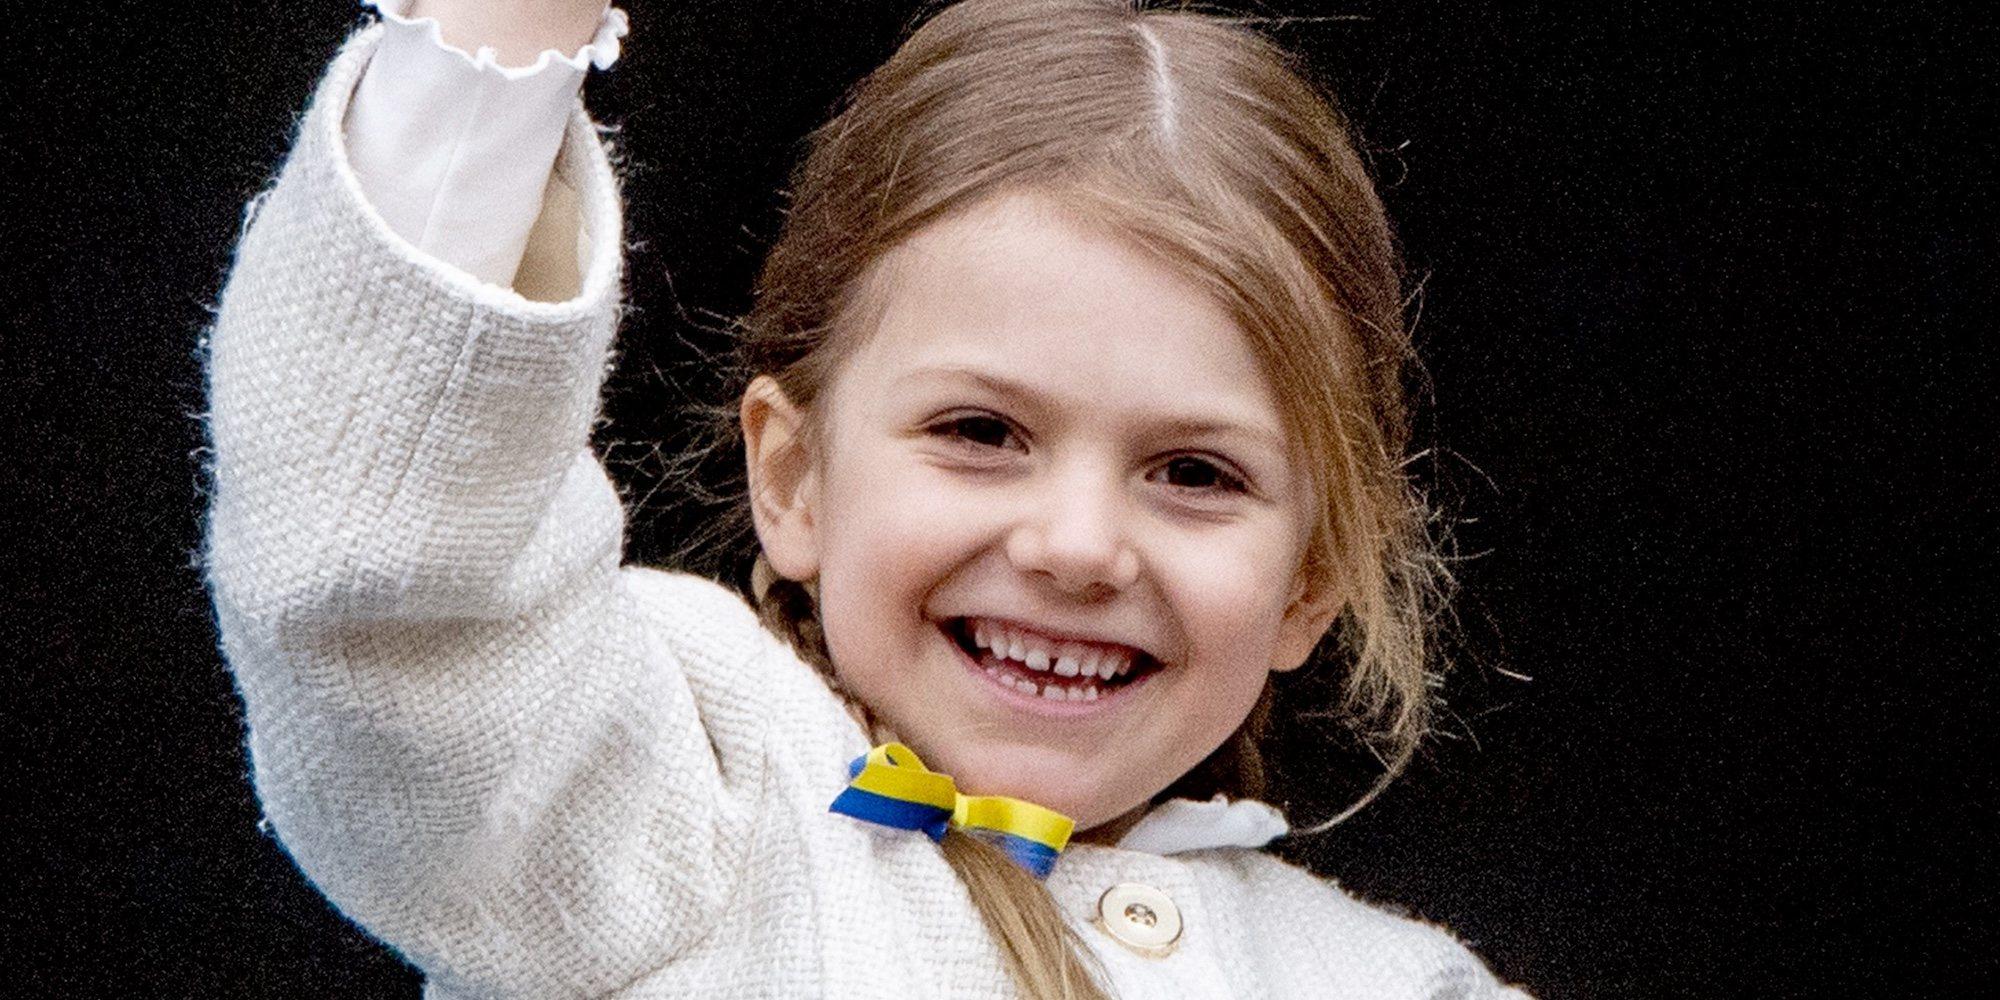 El divertido viaje familiar de la Reina Silvia, Victoria de Suecia y su hija Estela en Viena